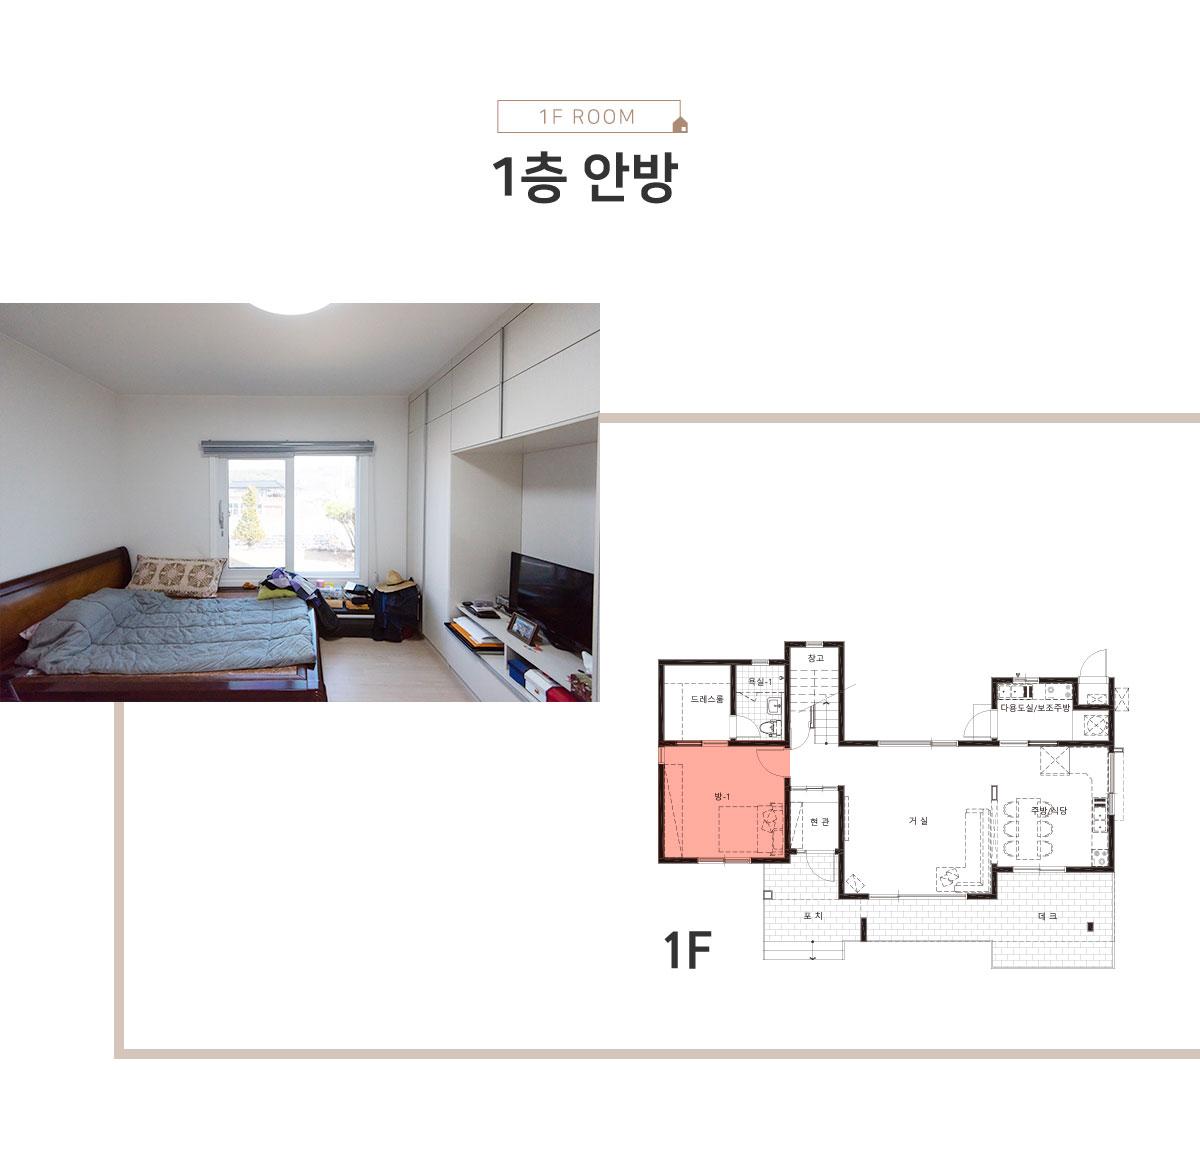 꿈애하우징005_main-room_경기포천_이정윤_01.jpg